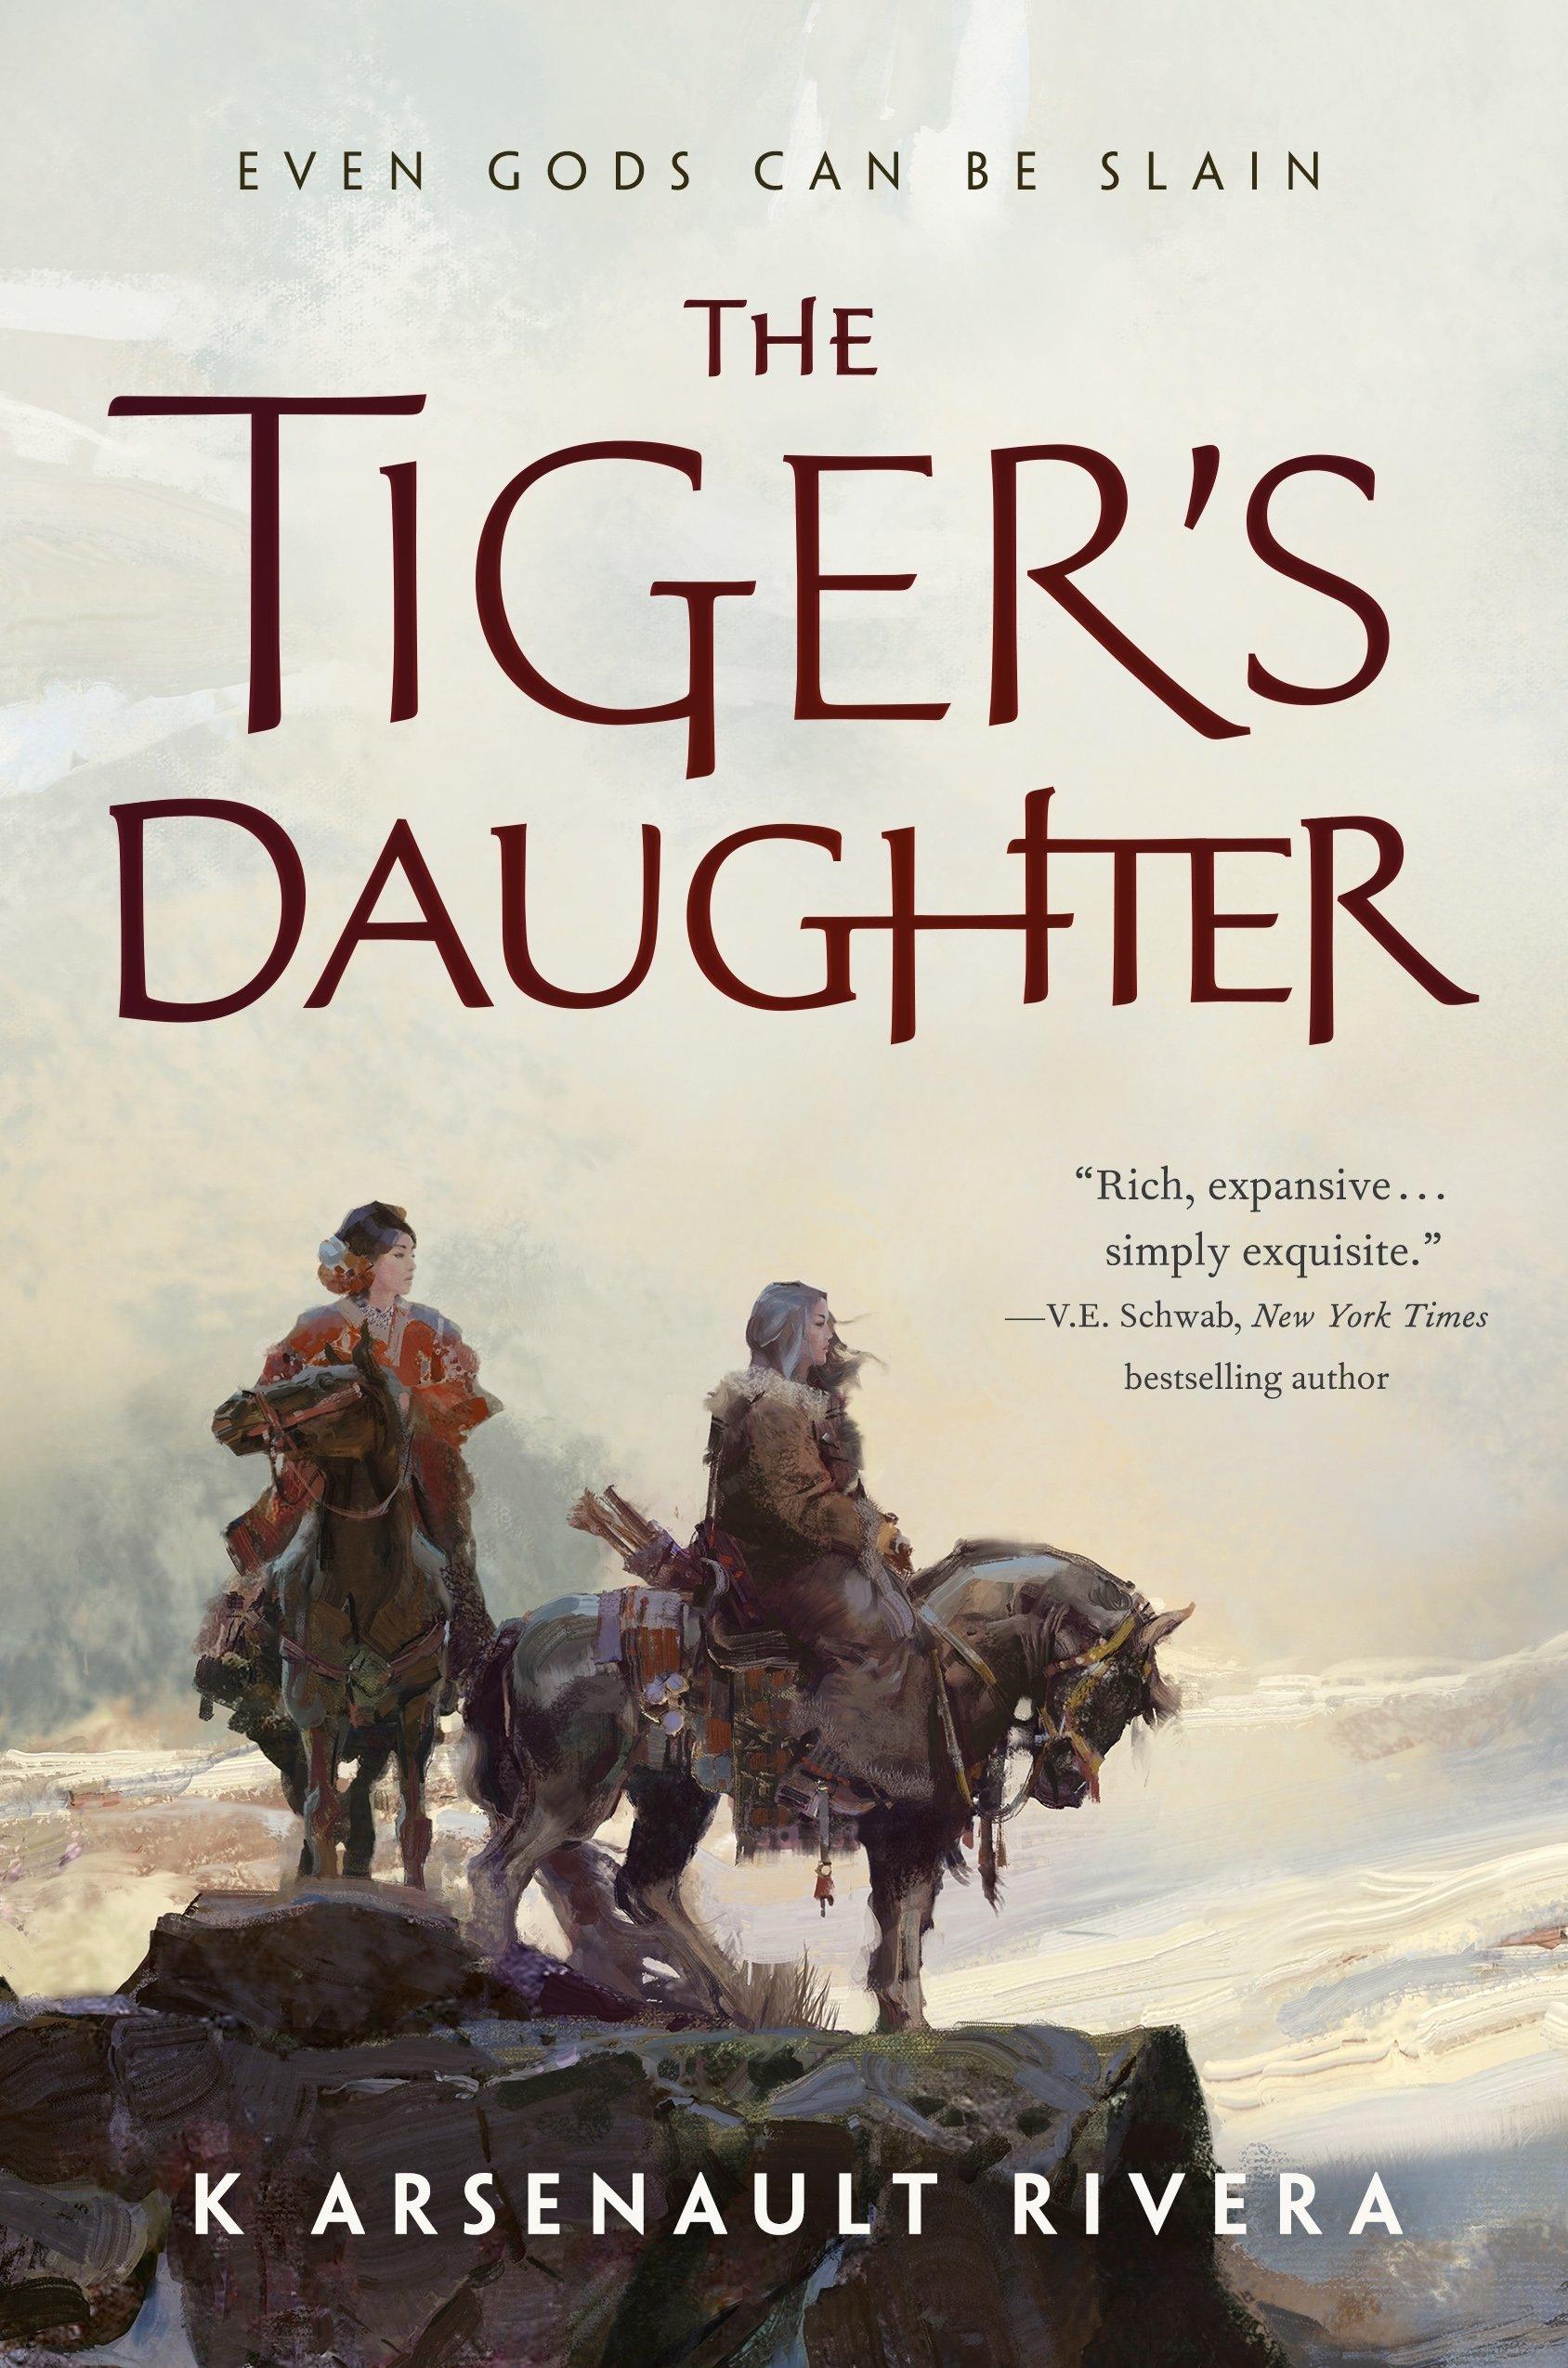 Tigers Daughter